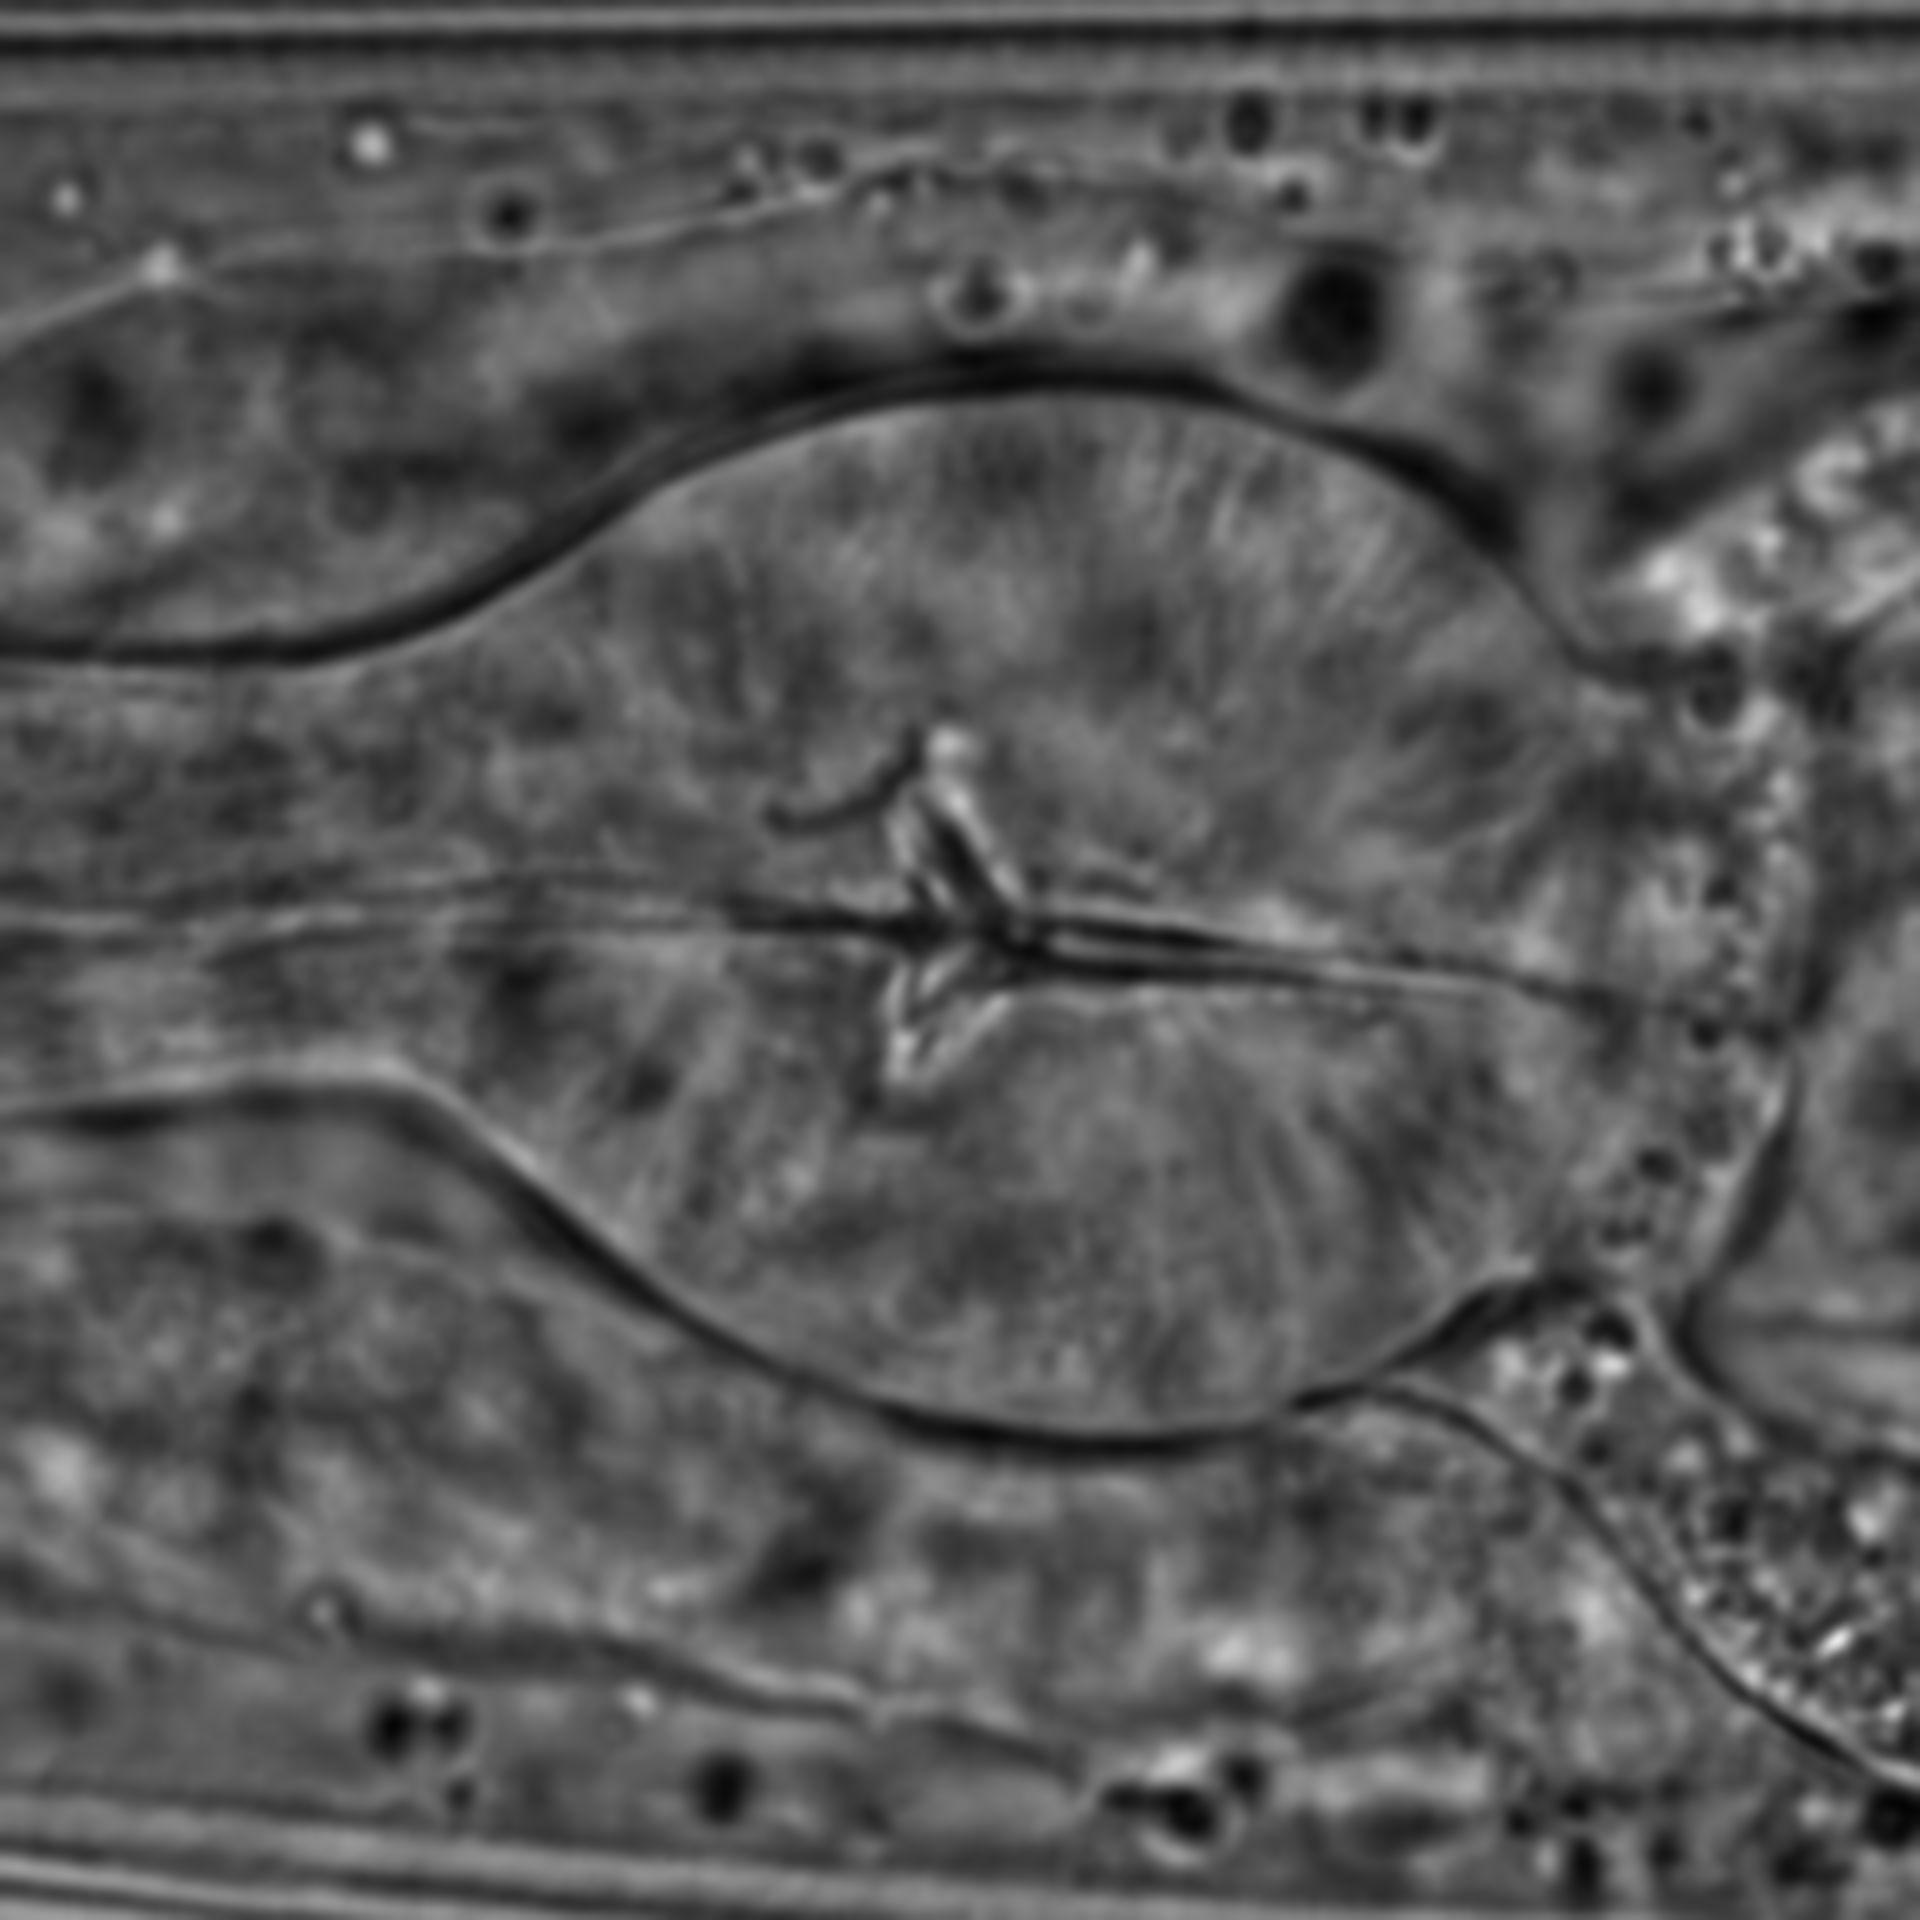 Caenorhabditis elegans - CIL:1593